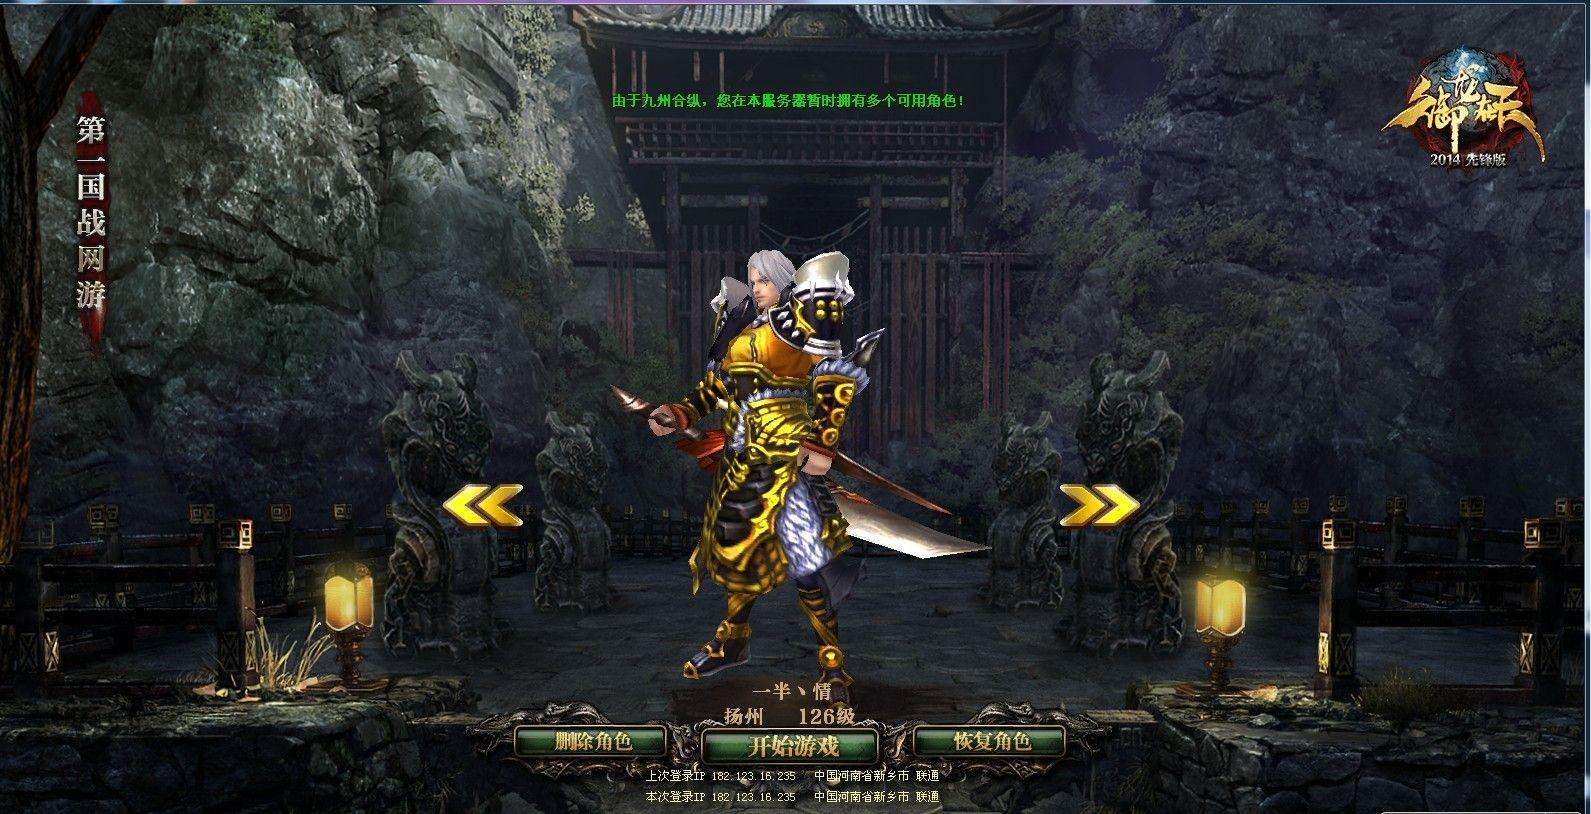 御龙在天最新版本游戏实际画面截图